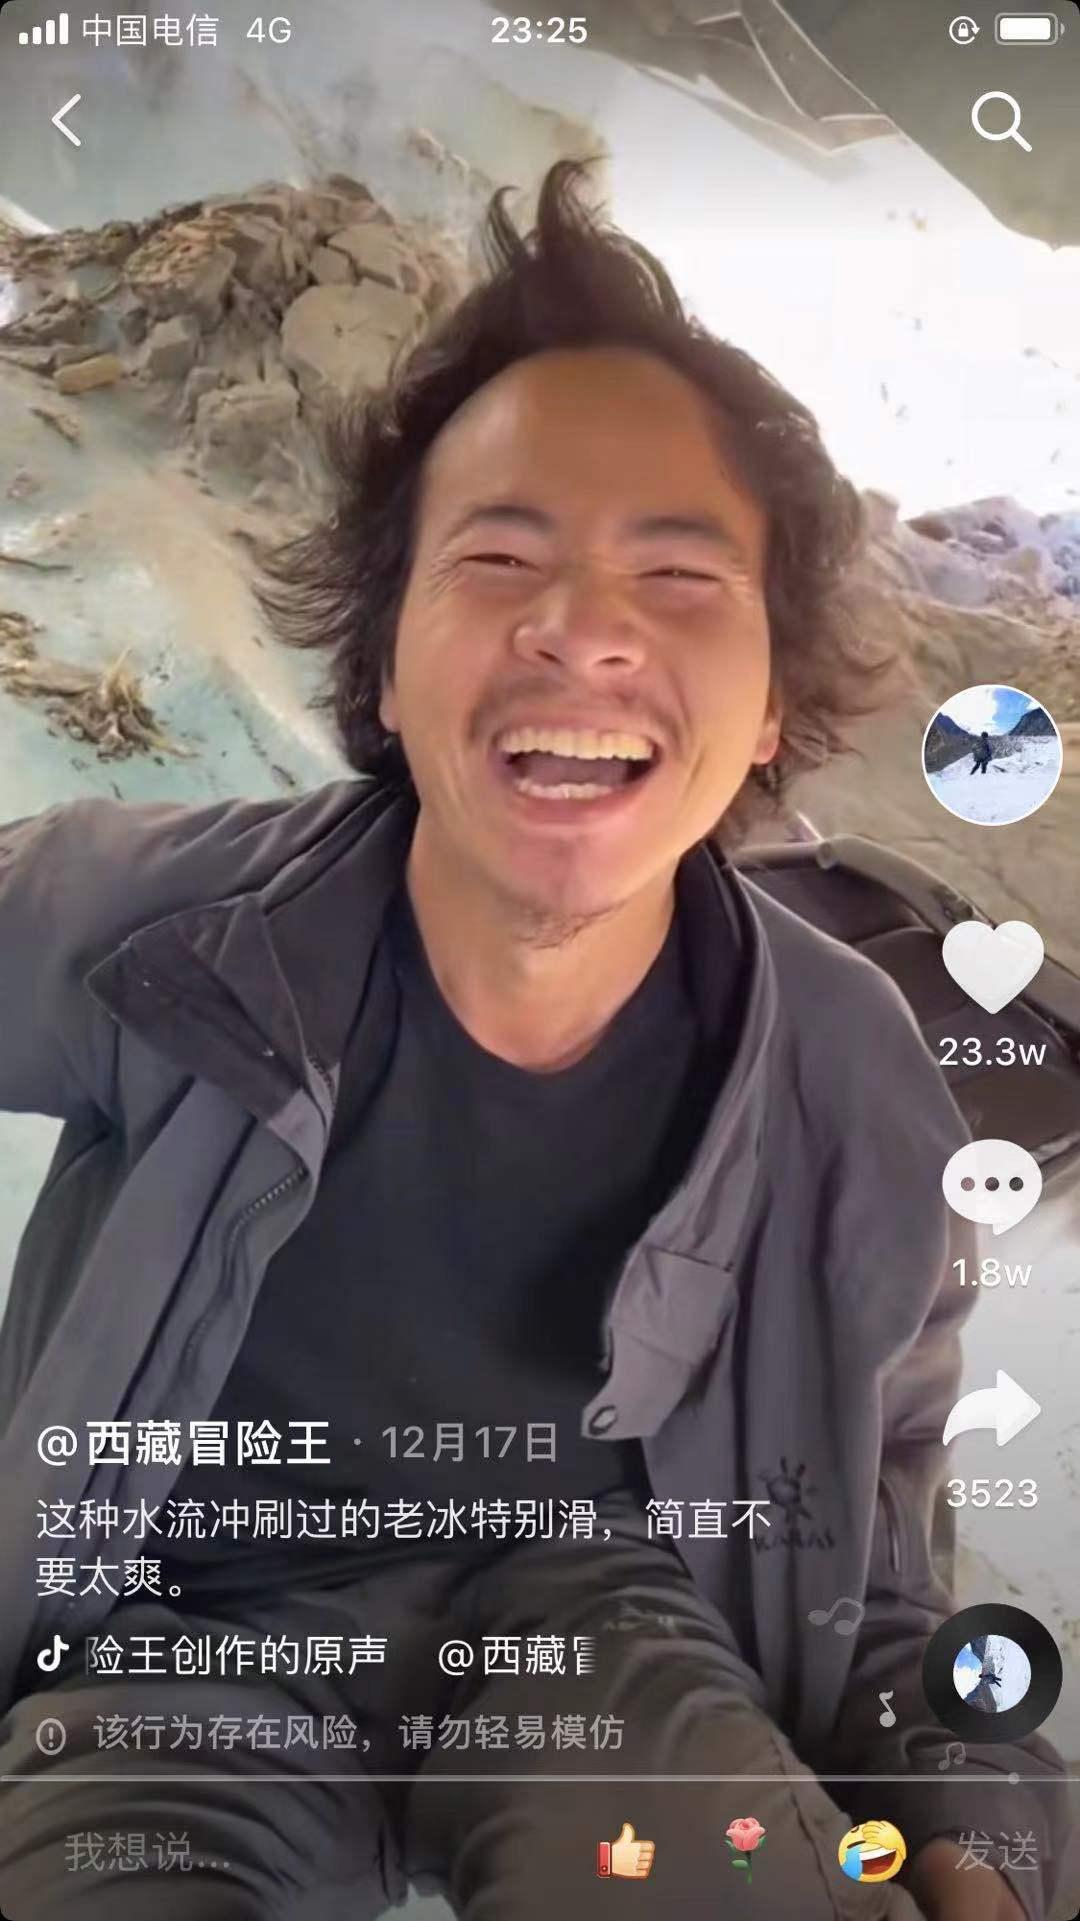 王相军在冰川内部的冰面上滑倒,开心大笑。视频截图